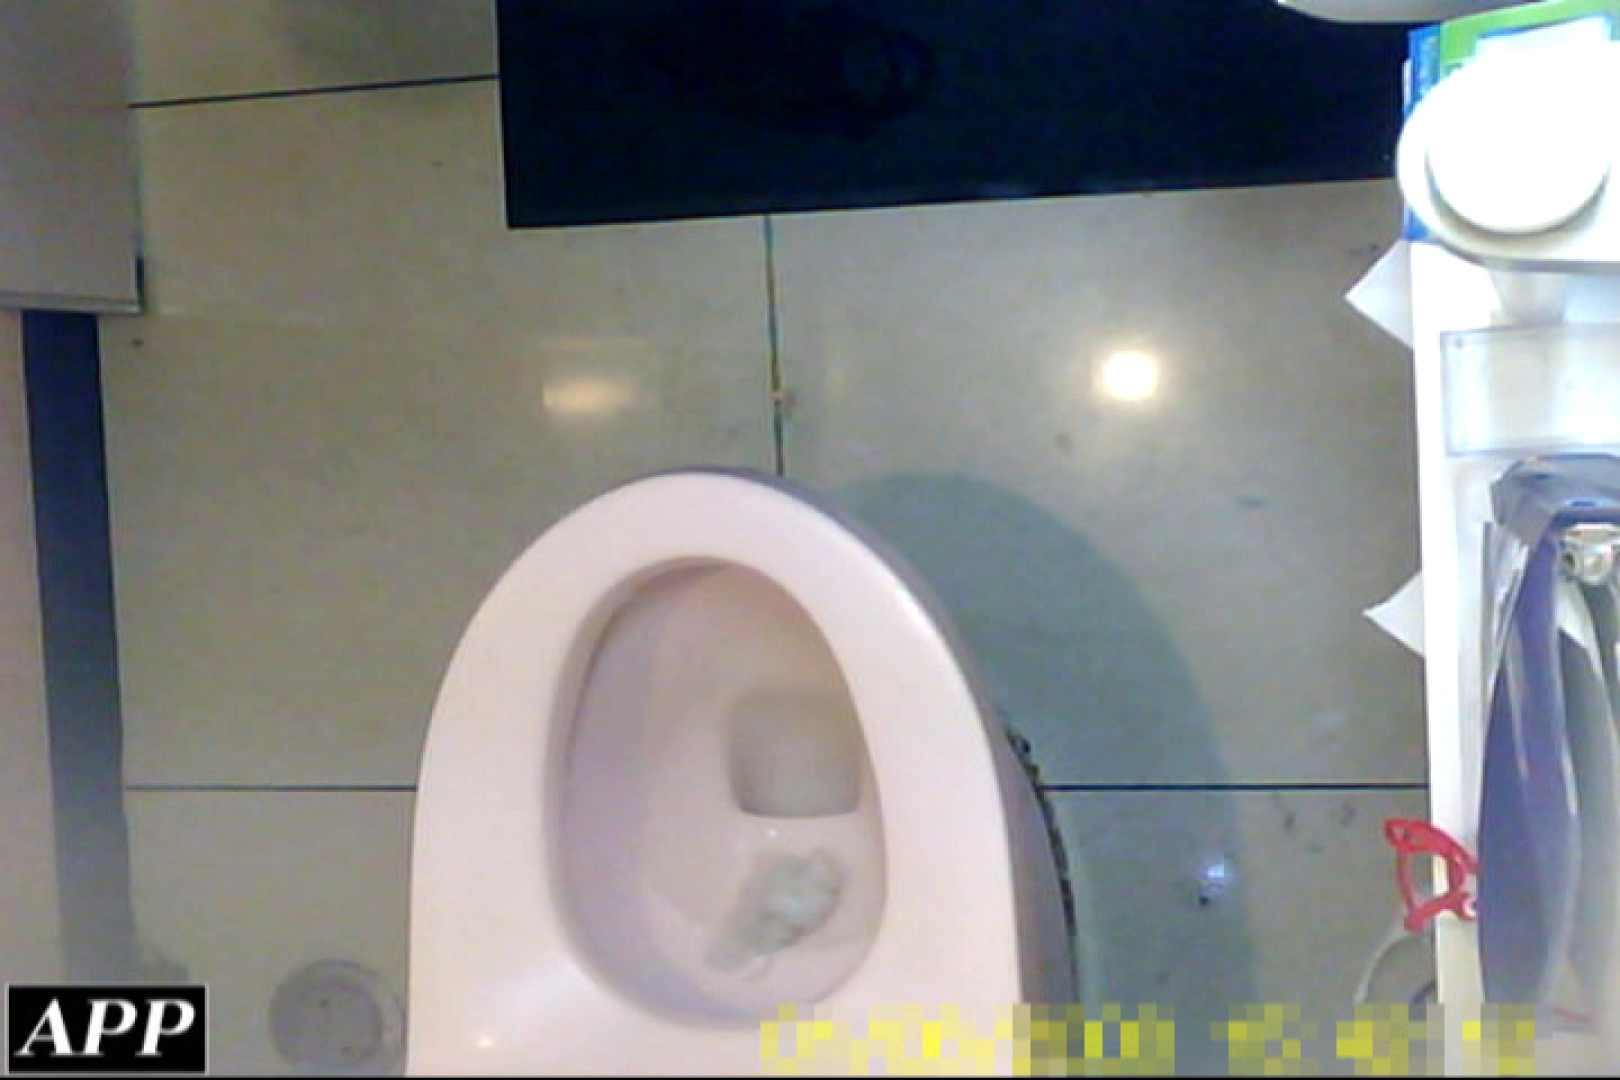 3視点洗面所 vol.92 オマンコ大好き AV無料 100画像 55